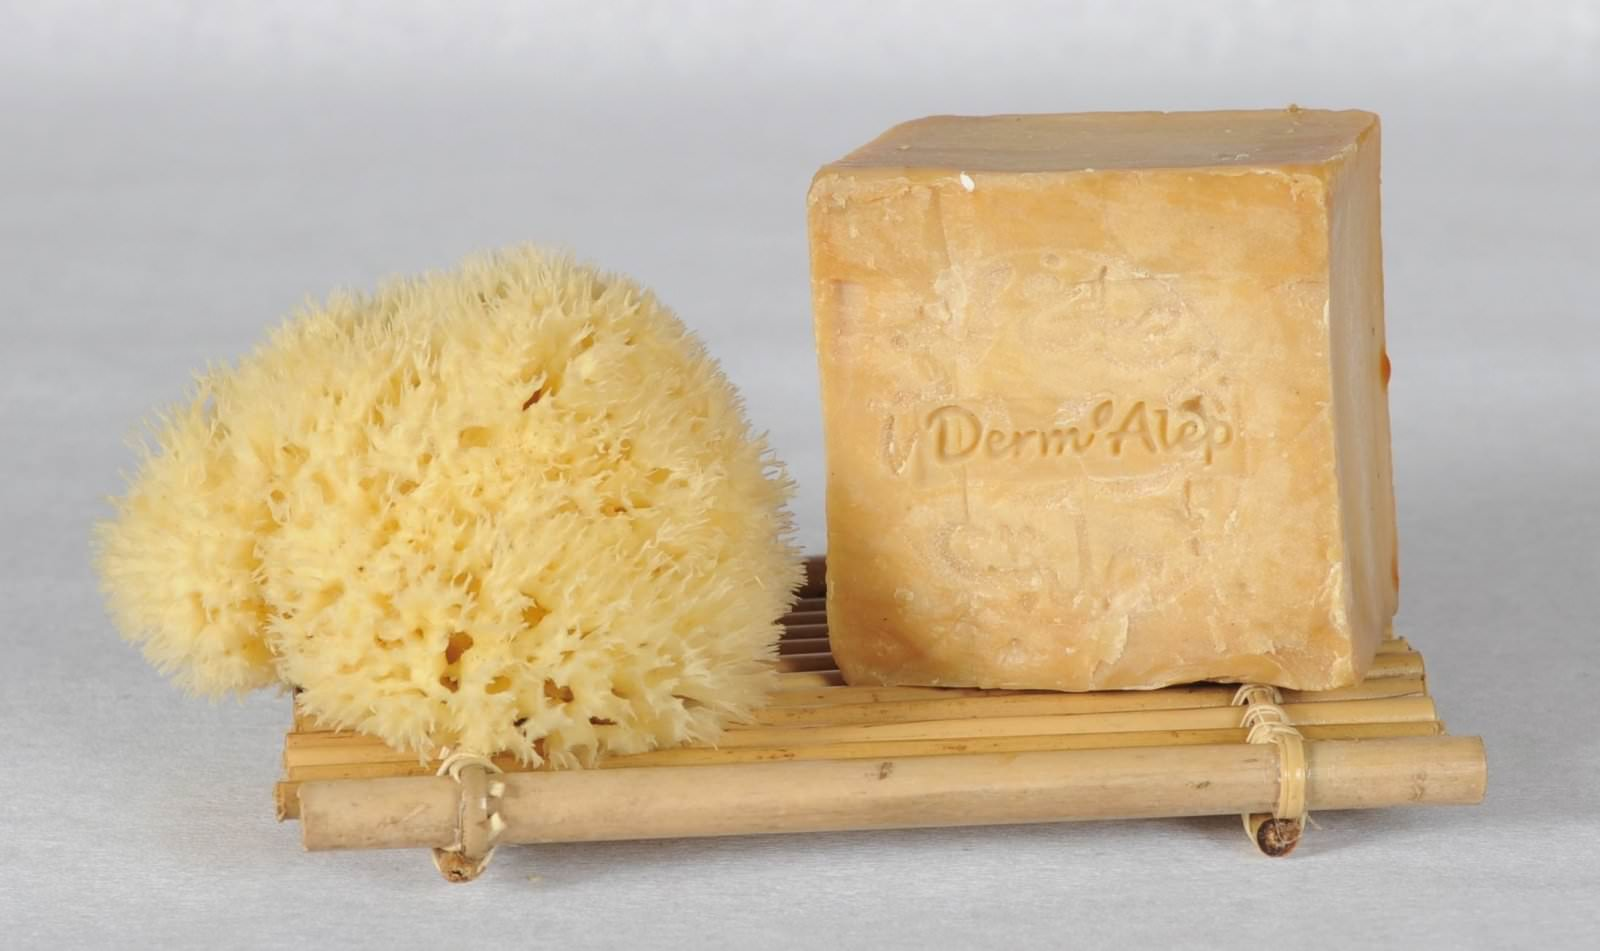 éponge +Derm'Alep +Sup. Bambou